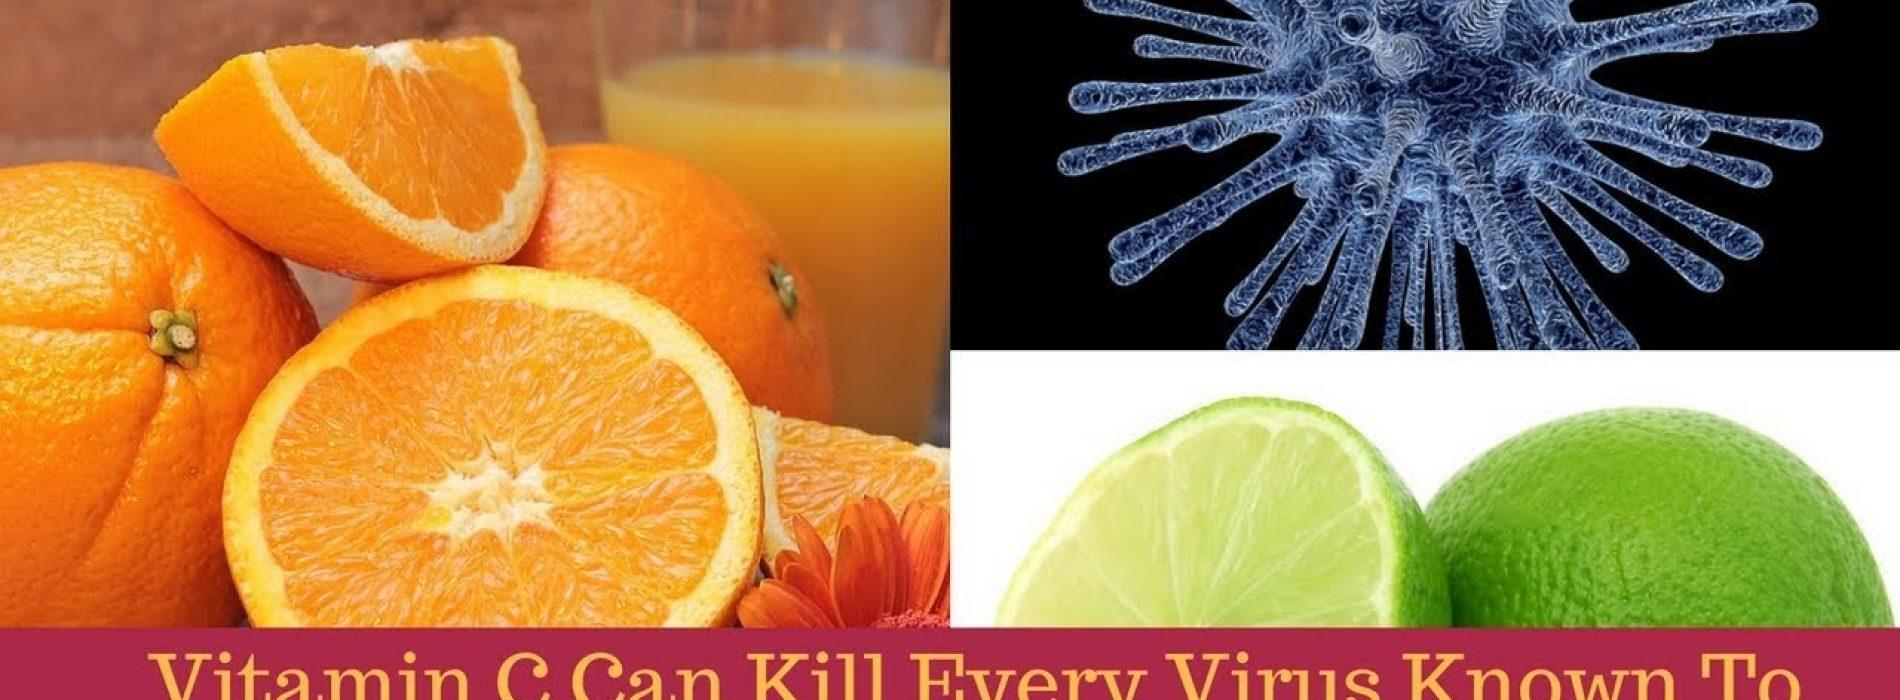 'Vitamine C' kan elk virus doden dat bij de mensheid bekend is